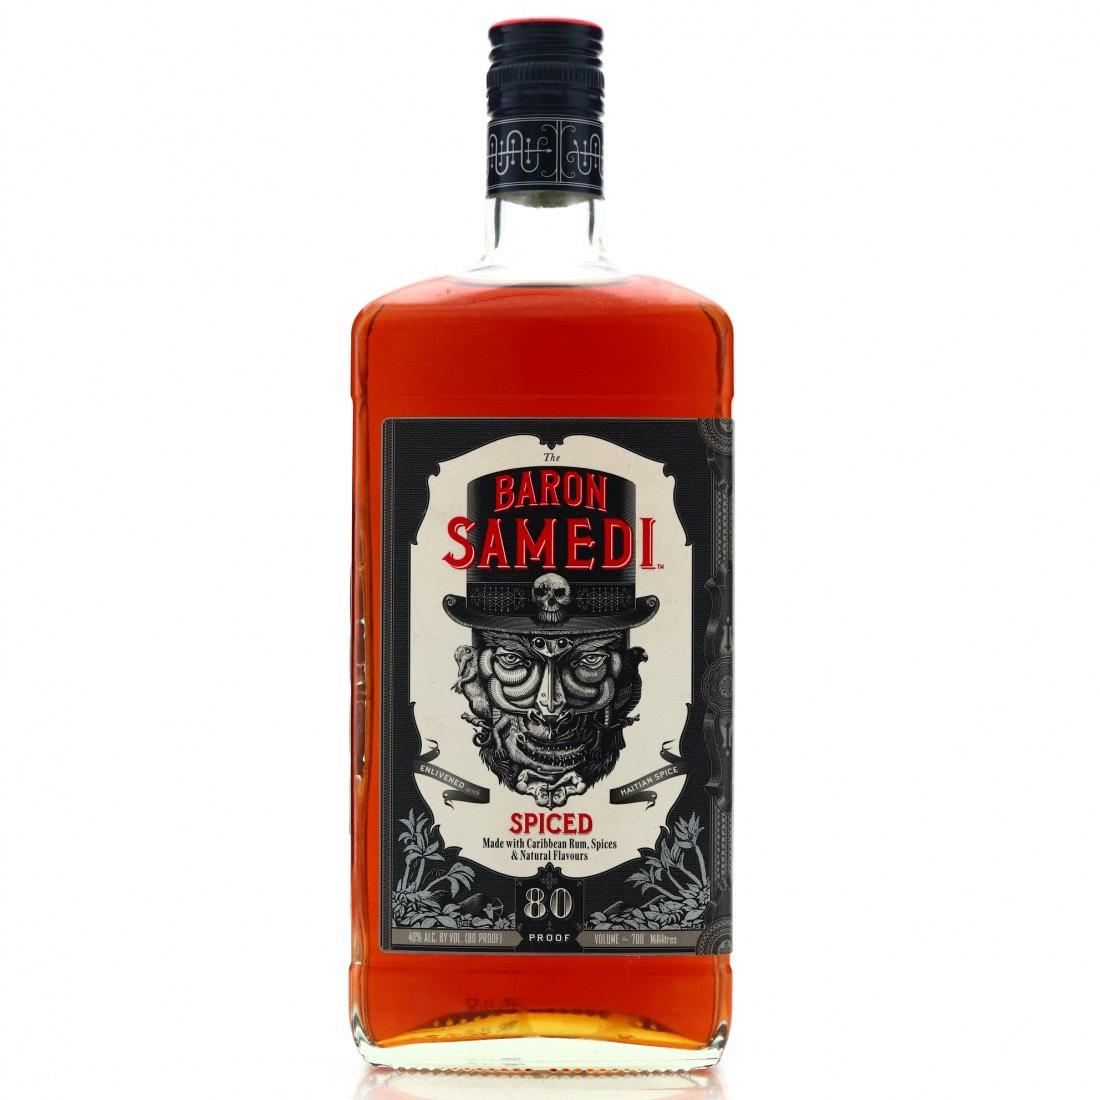 Bottle image of Baron Samedi Spiced